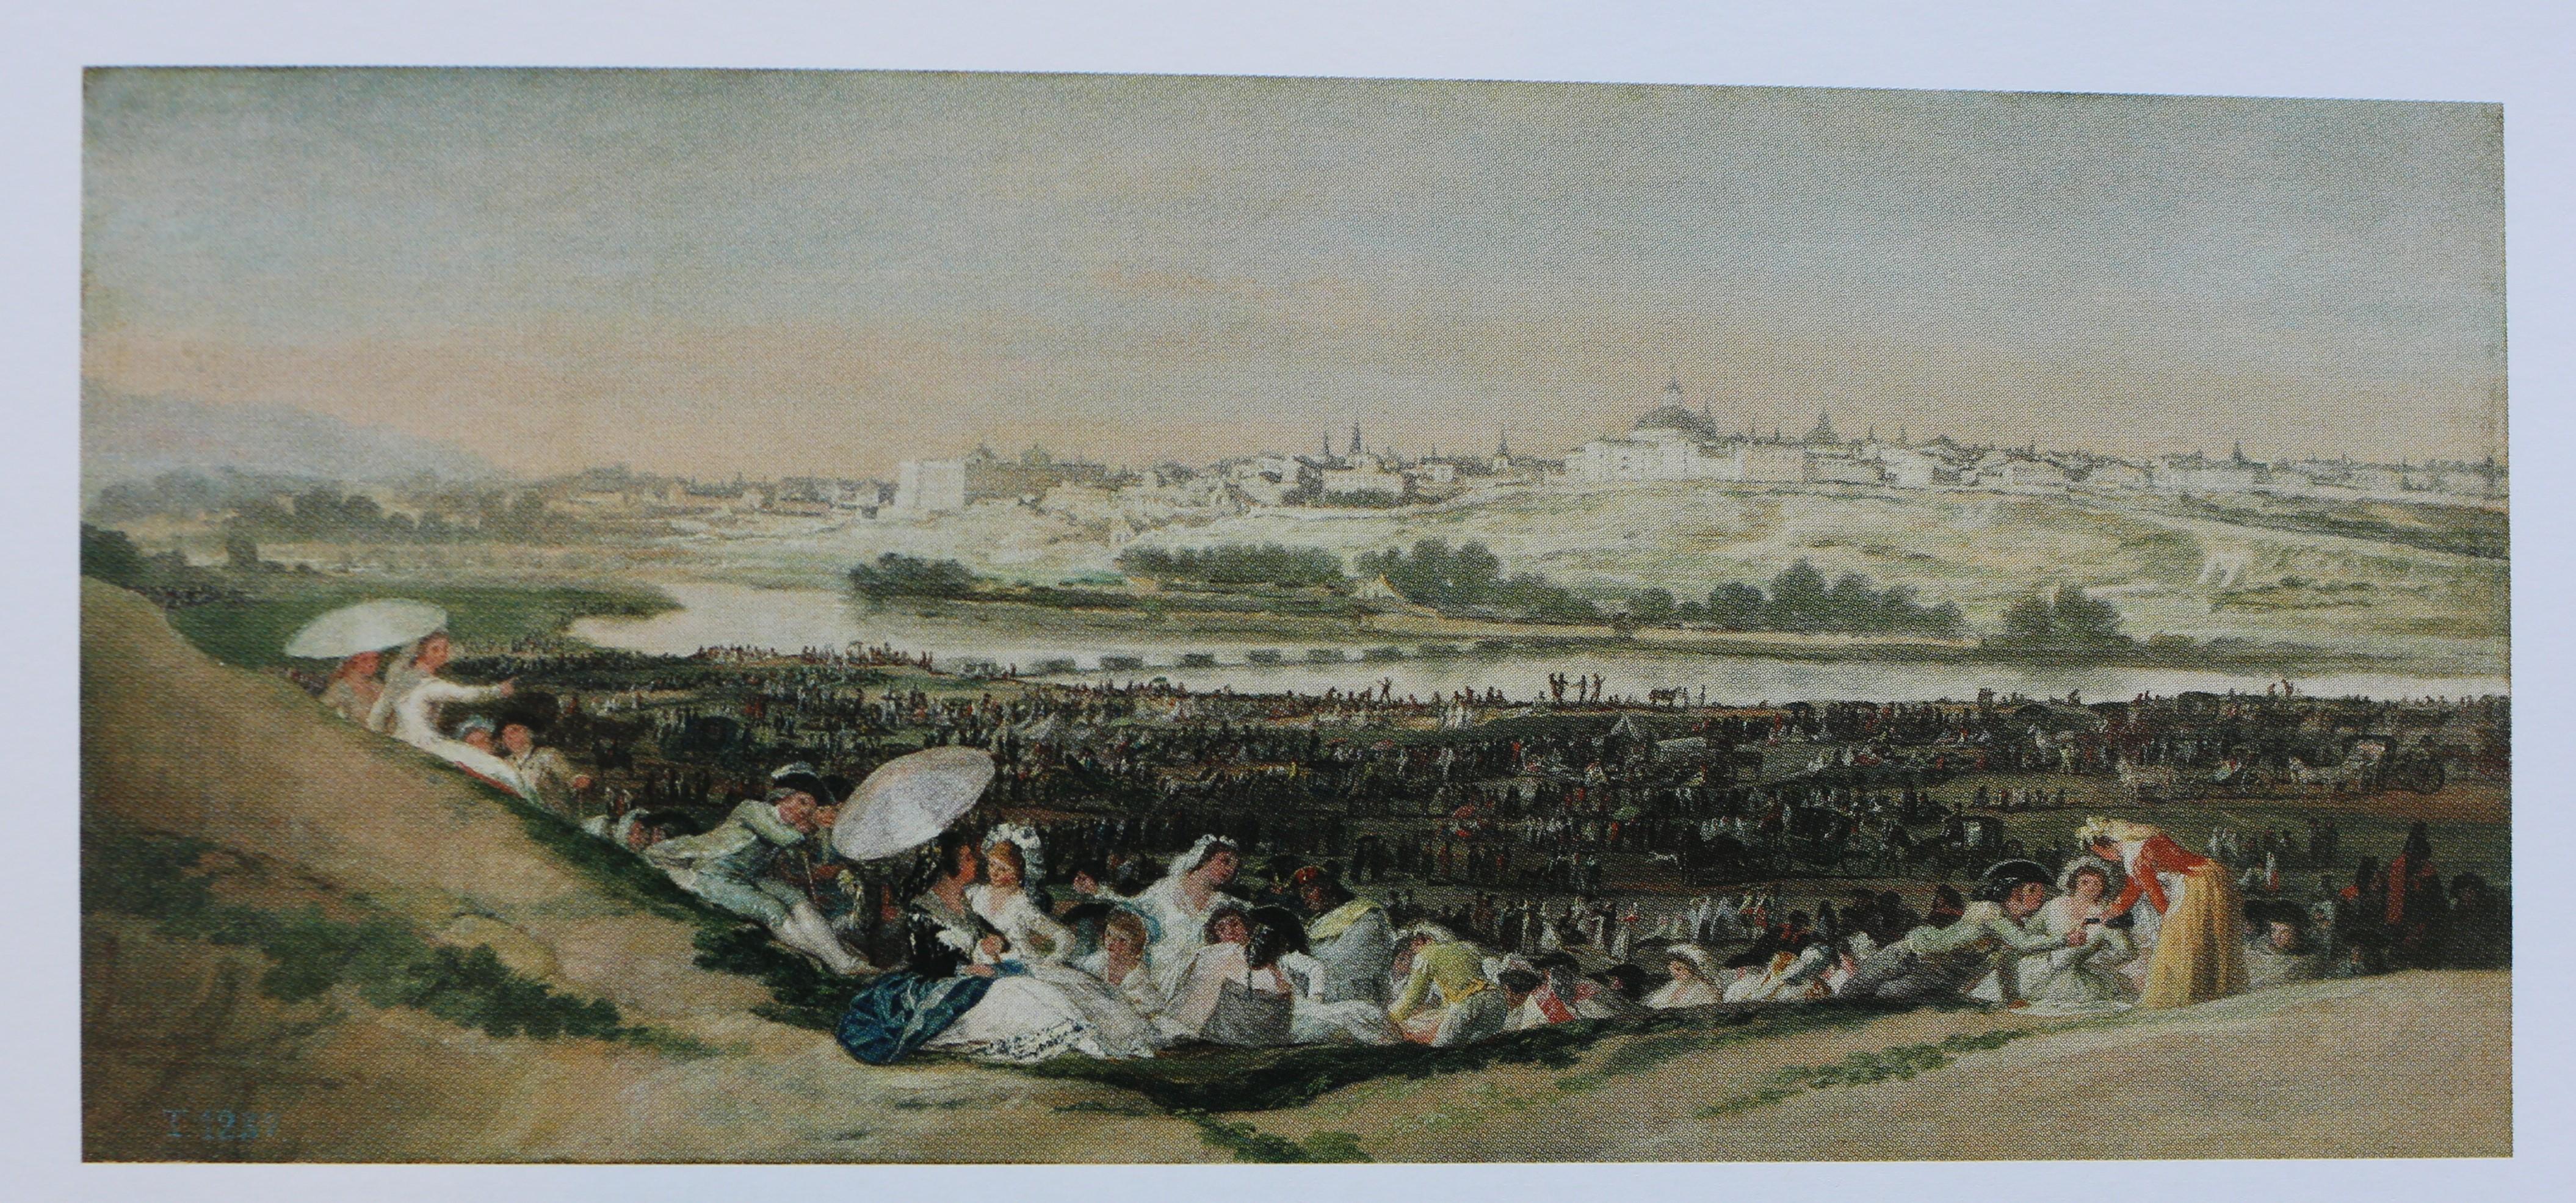 El volumen II del Catálogo razonado de los dibujos de Goya presentado en el Centro Botín